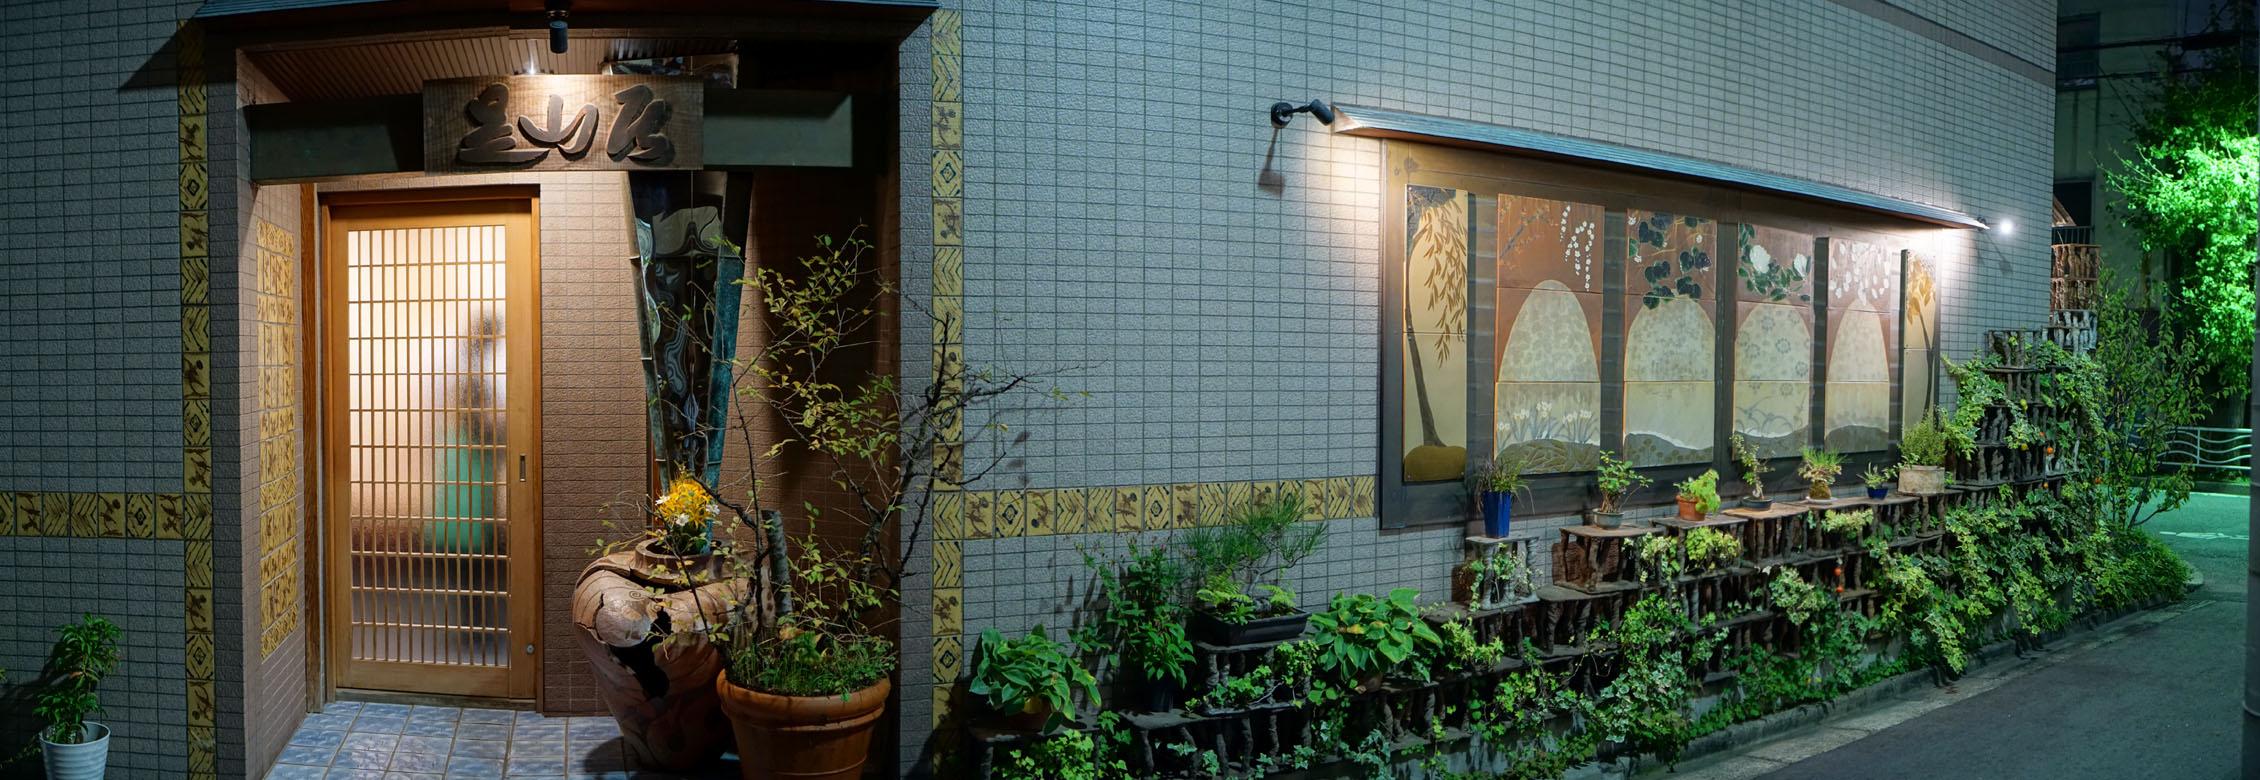 Mikawa Zezankyo Exterior